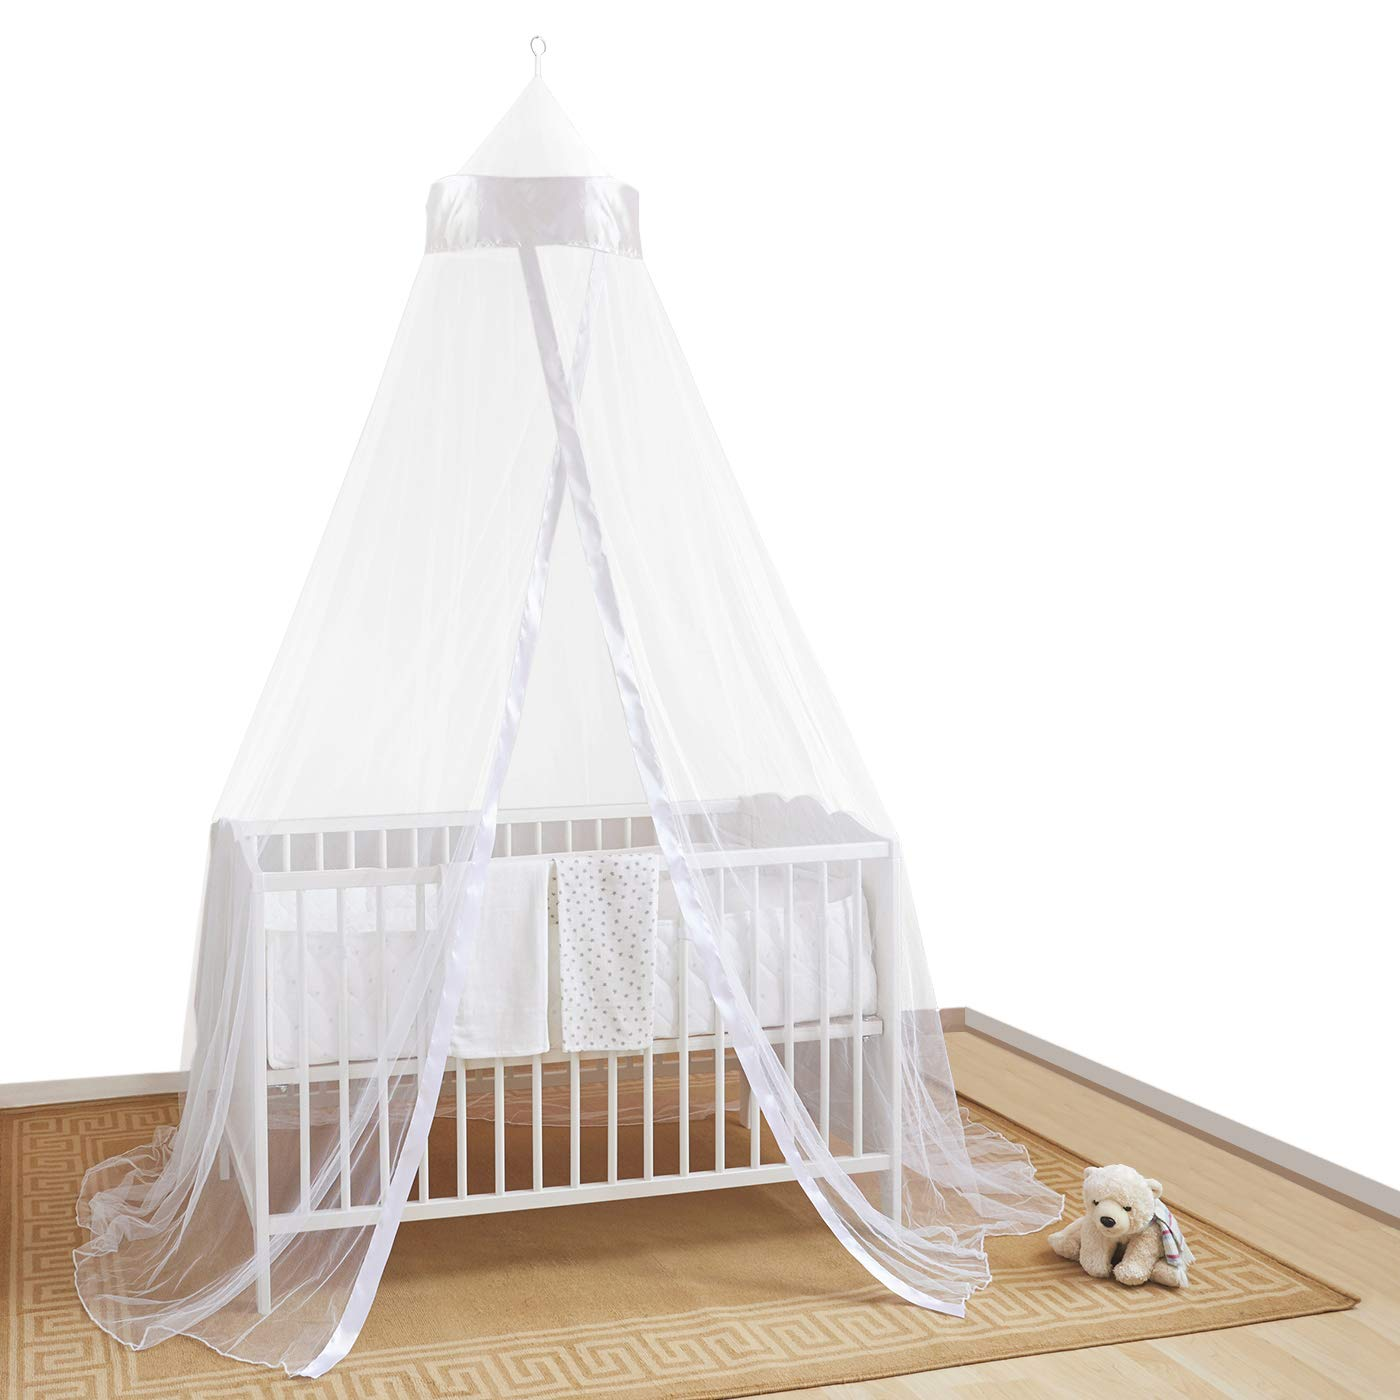 CIEL DE LIT PROTECTEUR POUR LITS ET PANIERS BEBE – Accessoire protectrice pour lits bébé contre insectes, araignées et moustiques. Facile à monter. Mosquito Nets 4 U Ltd Baby-white001